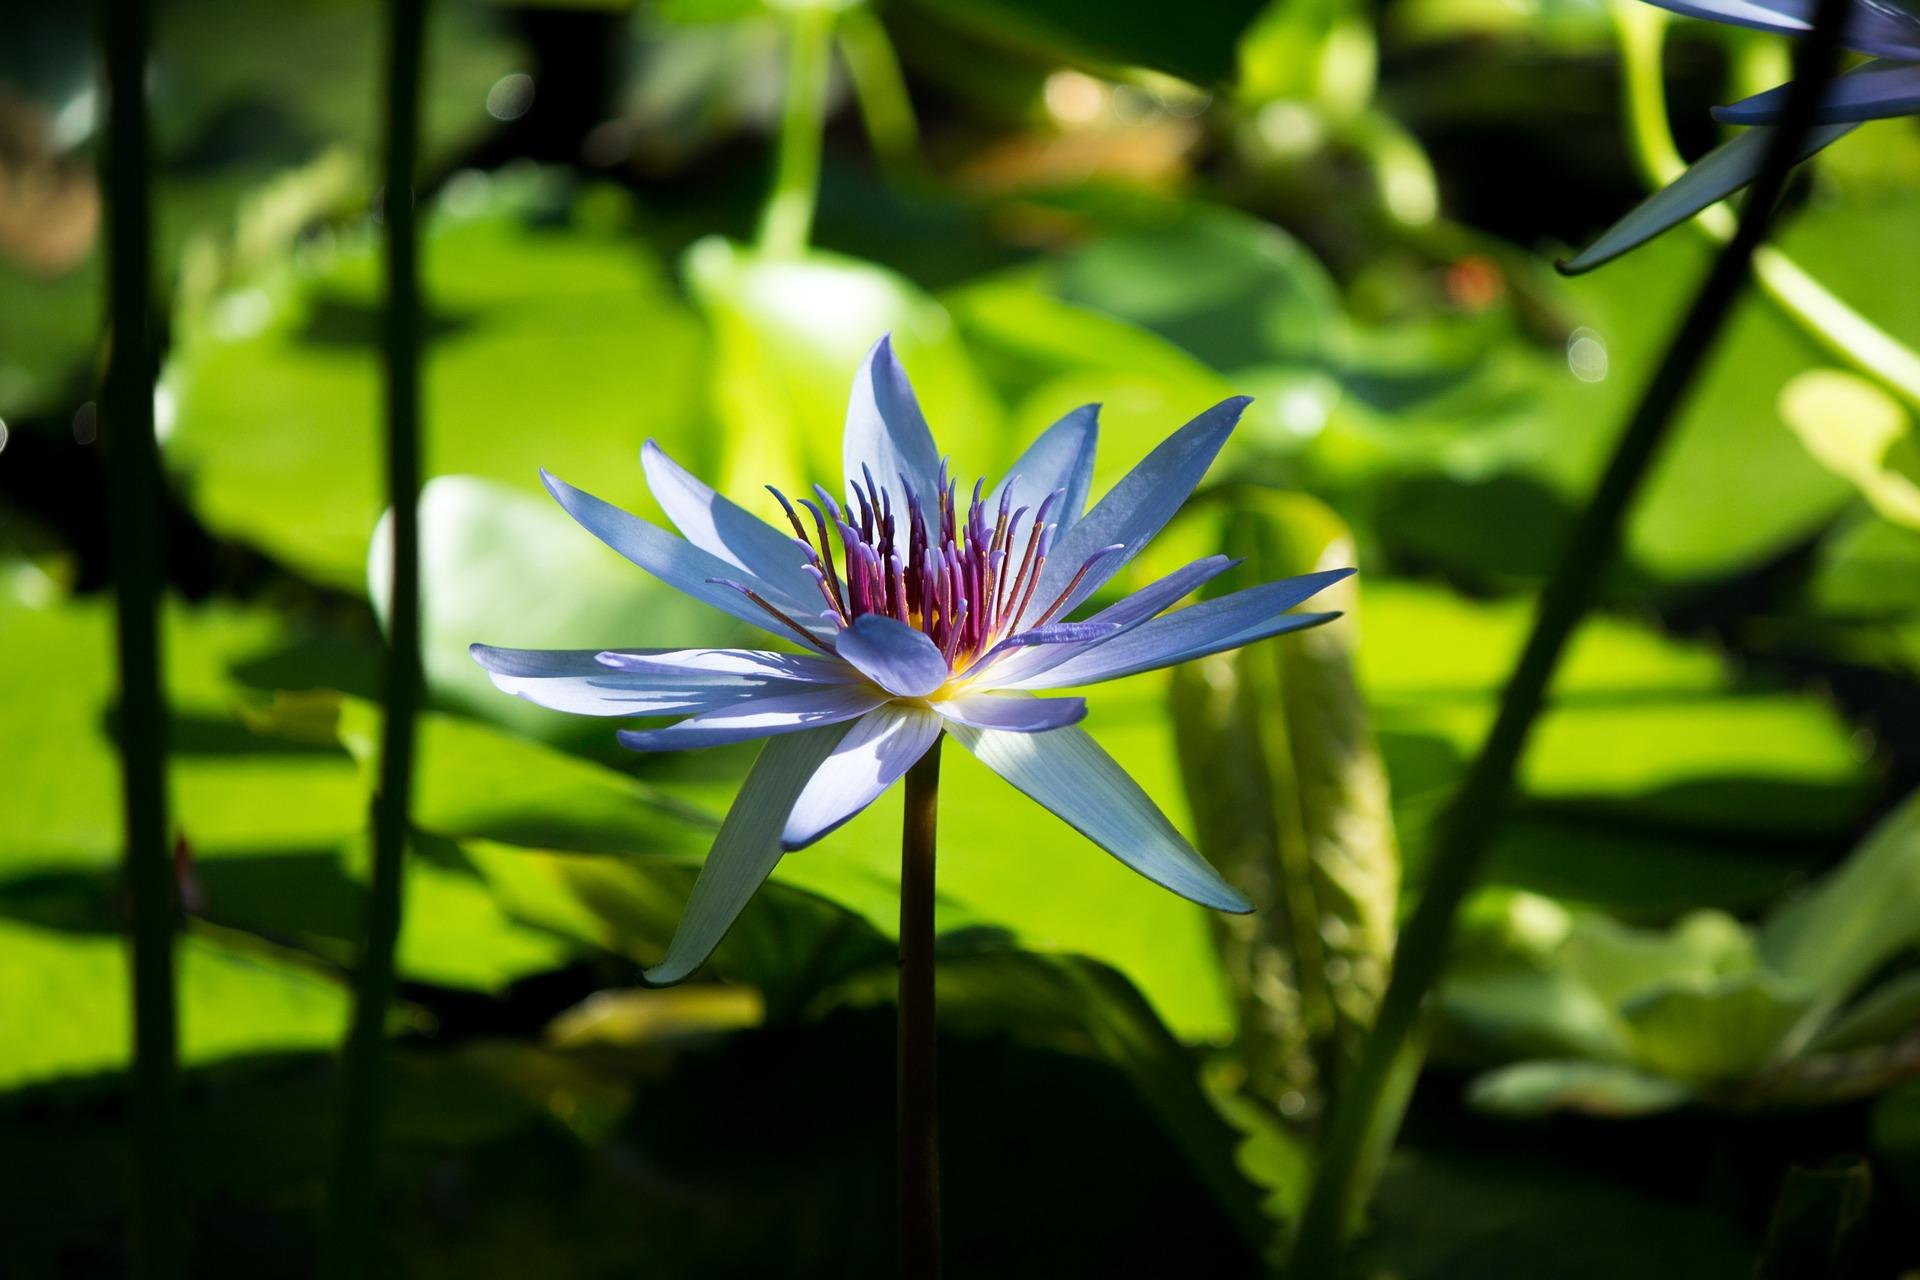 flower-1286081_1920.jpg